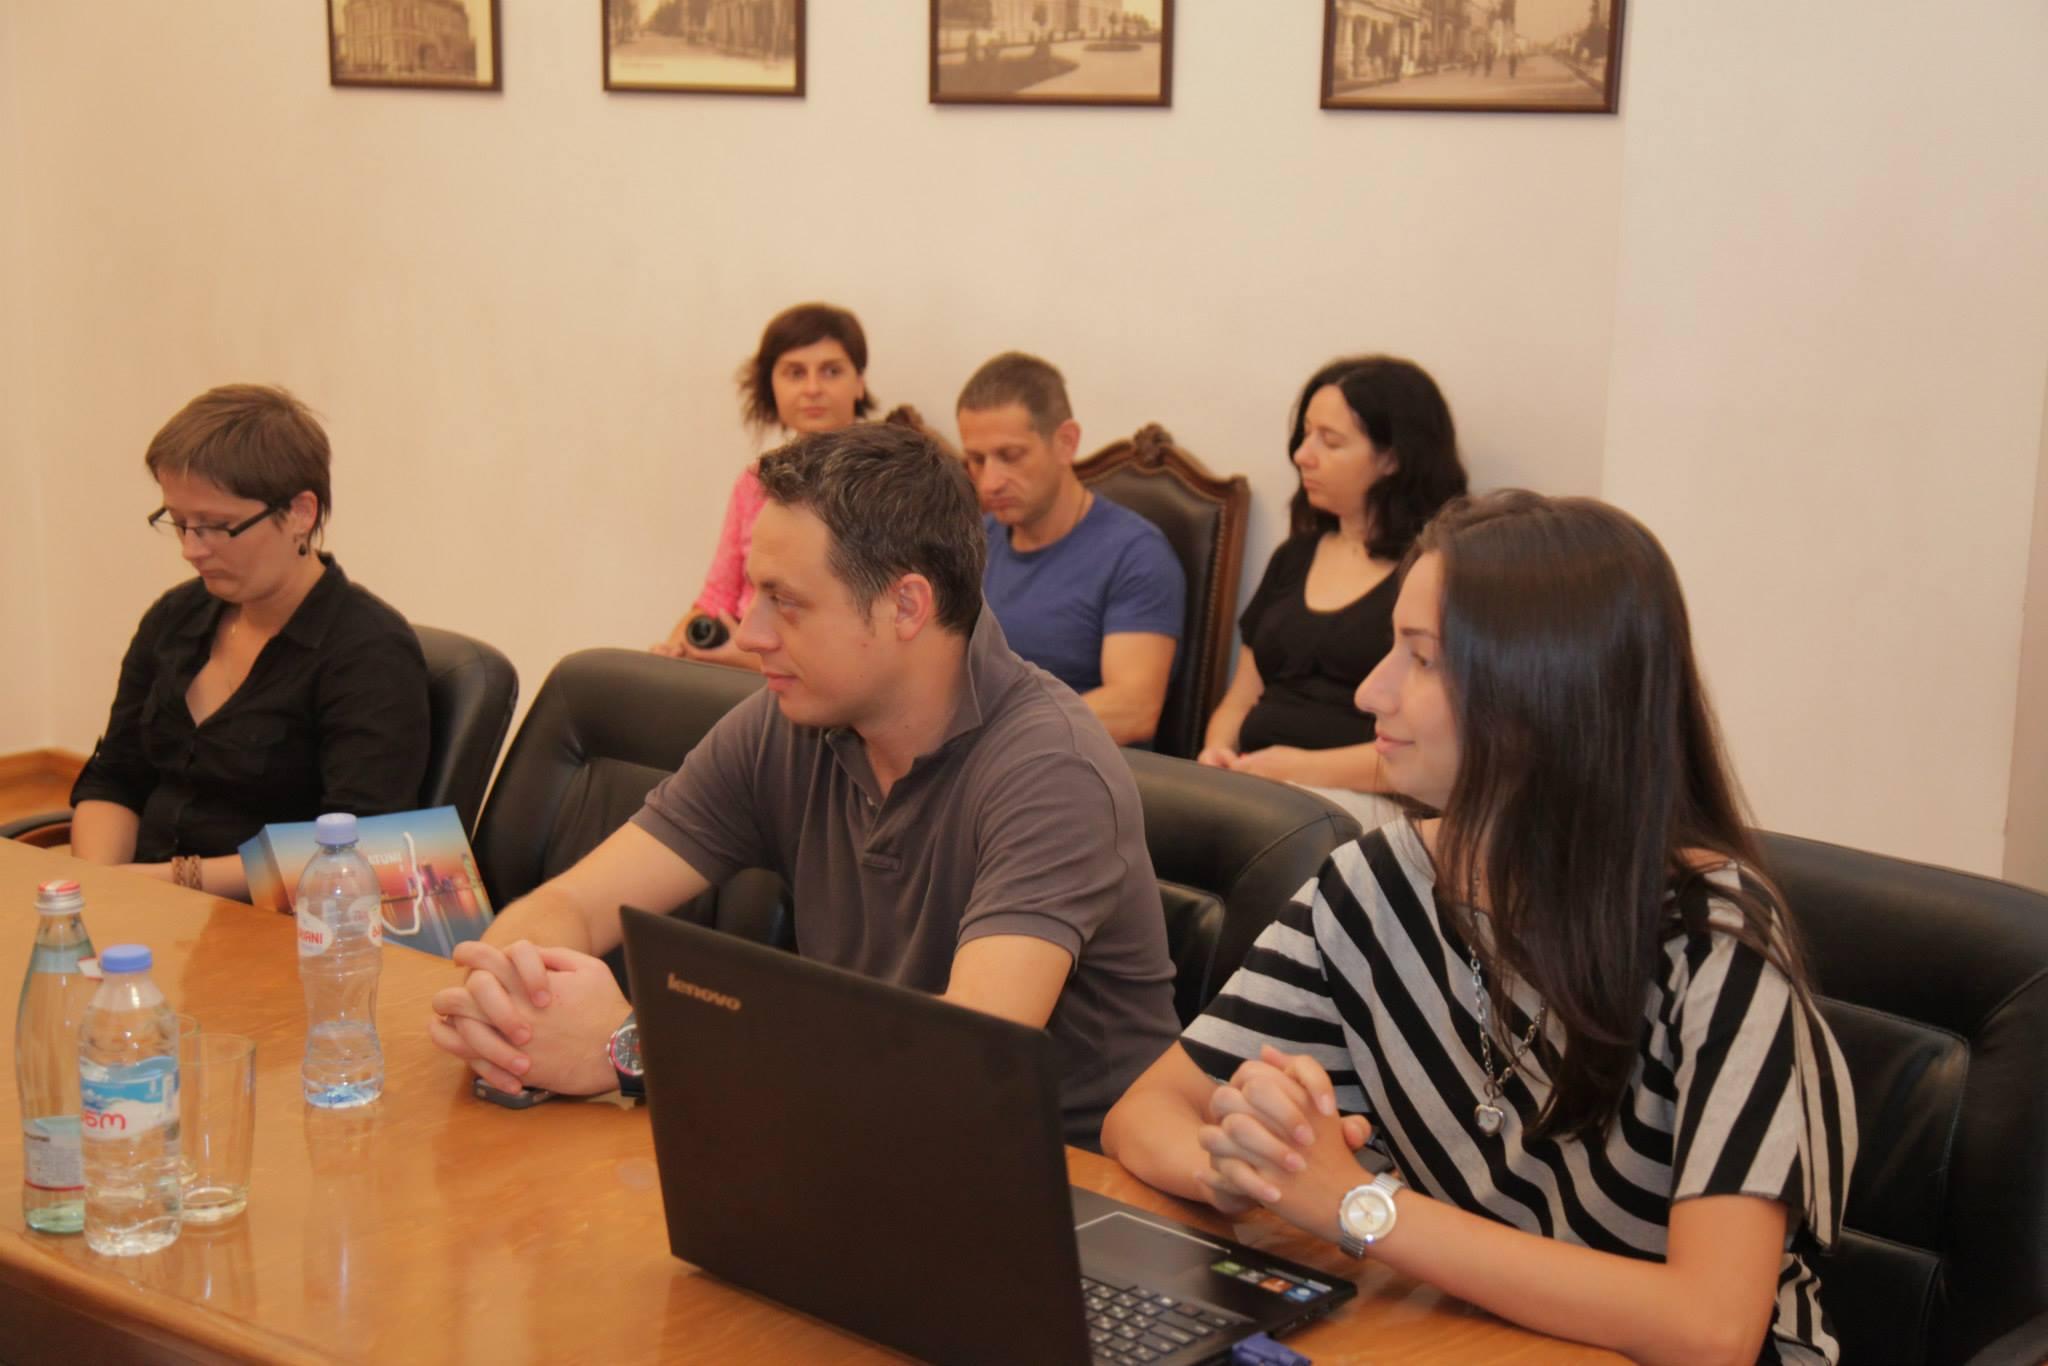 არჩილ ხაბაძე ბელორუს და ებრაელ ჟურნალისტებს შეხვდა